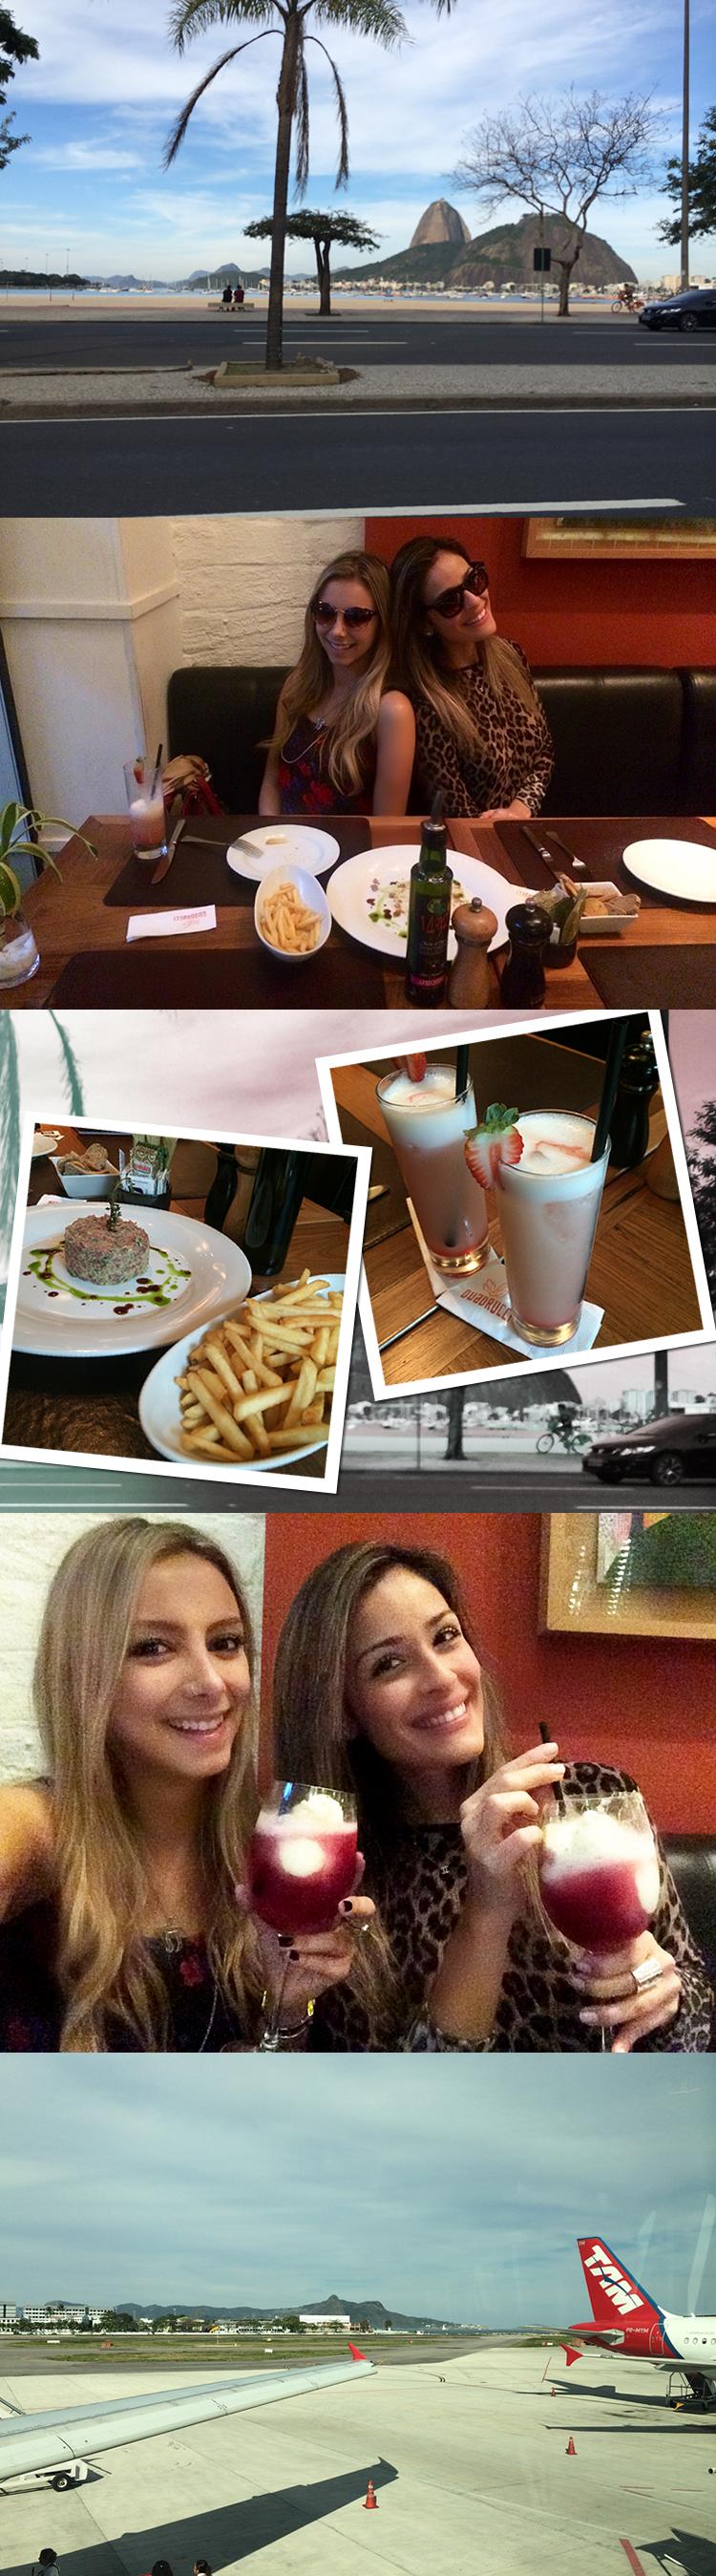 diario-de-viagem-rio-de-janeiro-quadrucci-restaurante-leblon-dias-ferreira-loja-vic-oficial-barra-copacabana